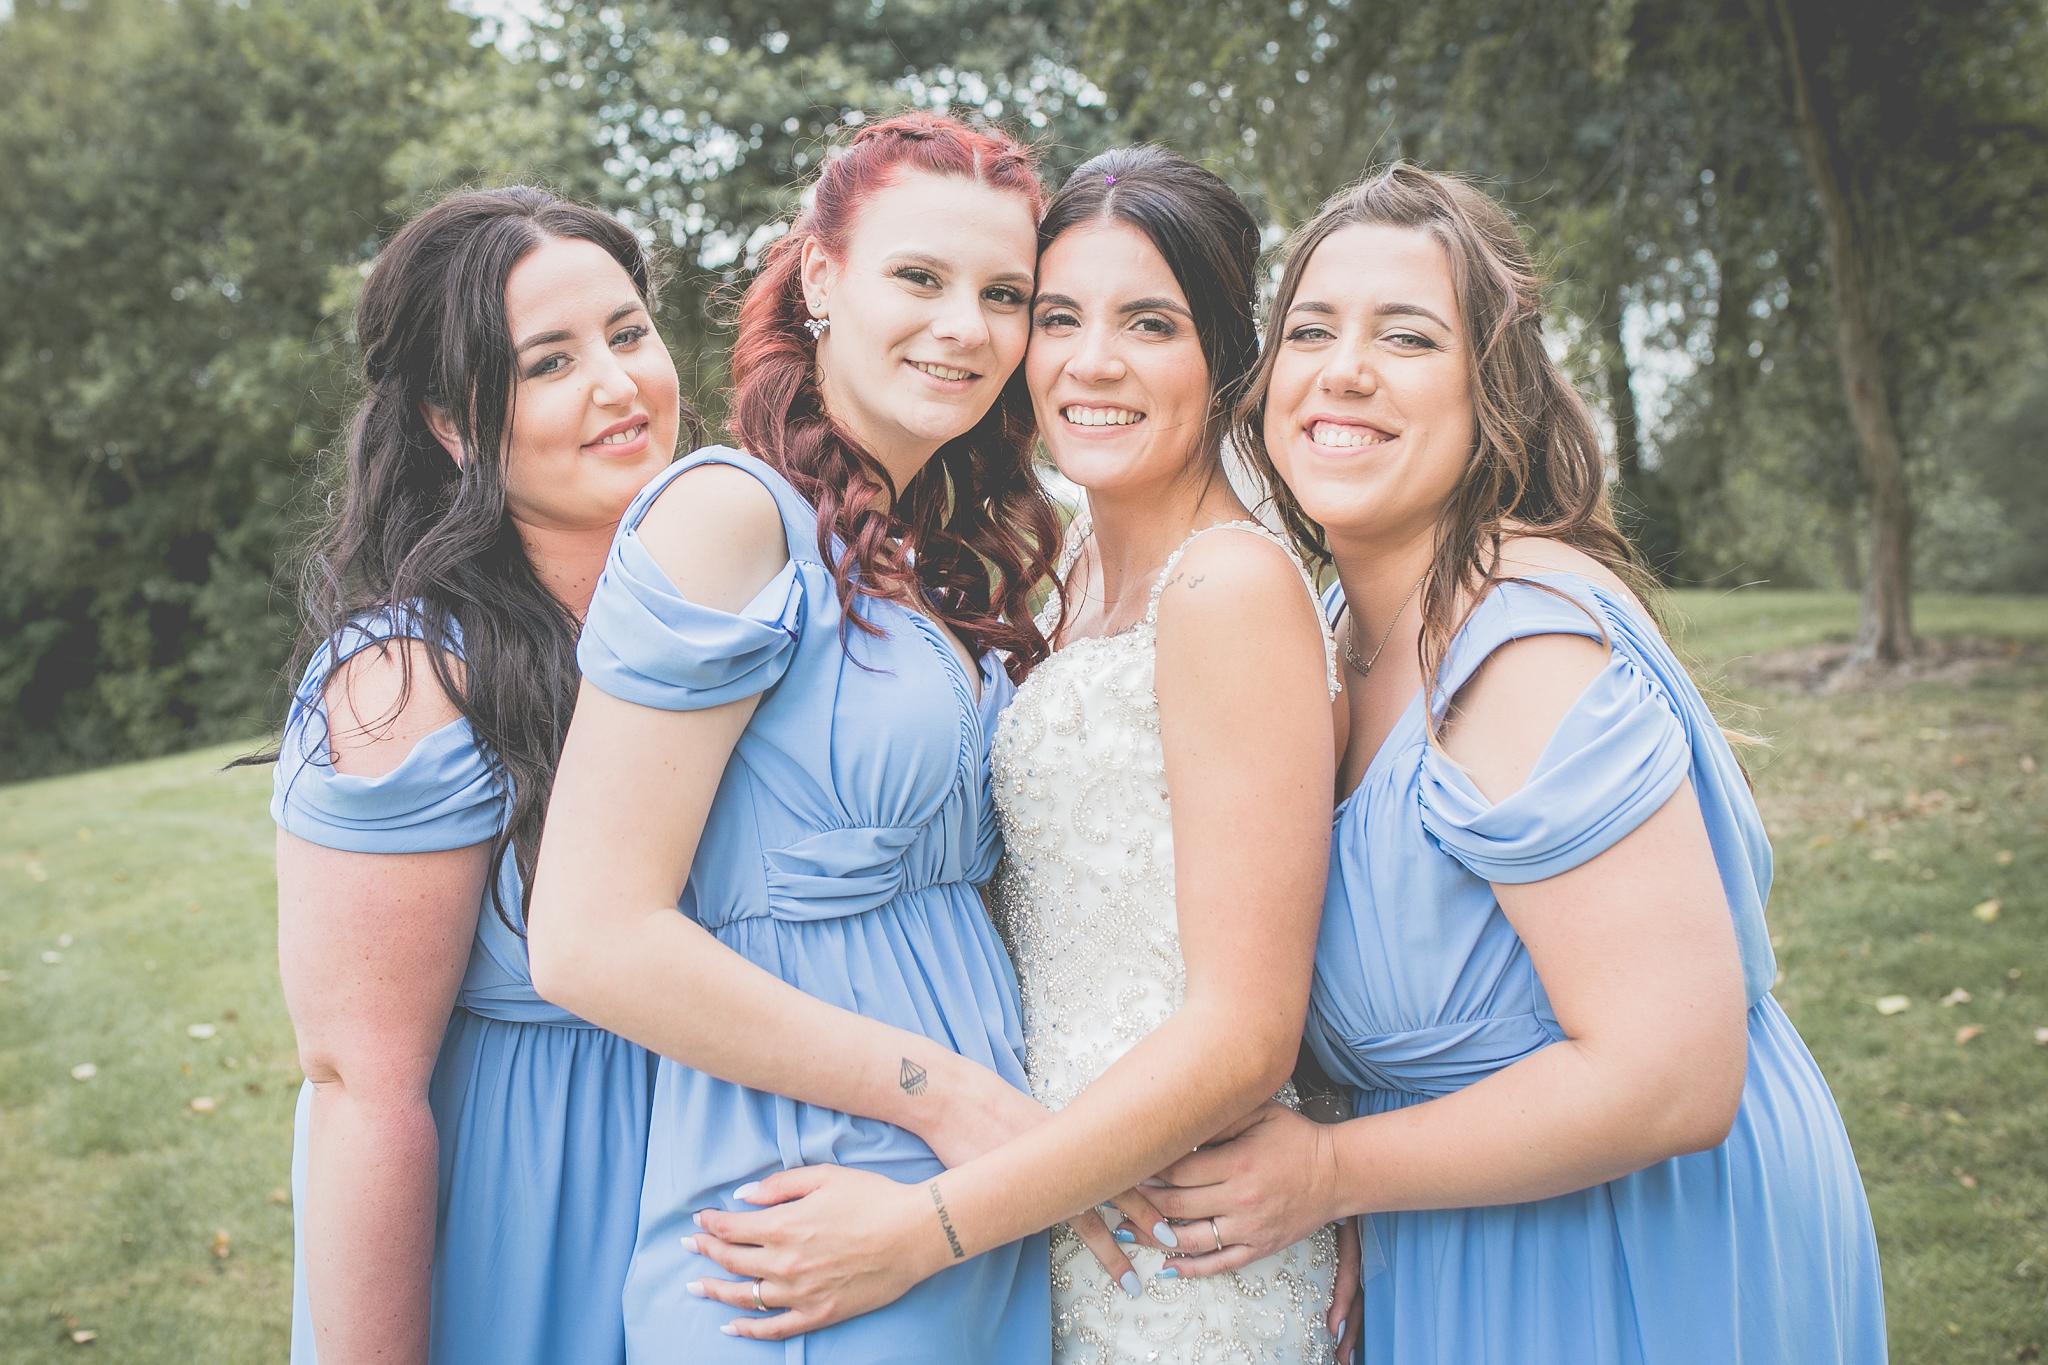 bedfordshireweddingphotography-26.jpg